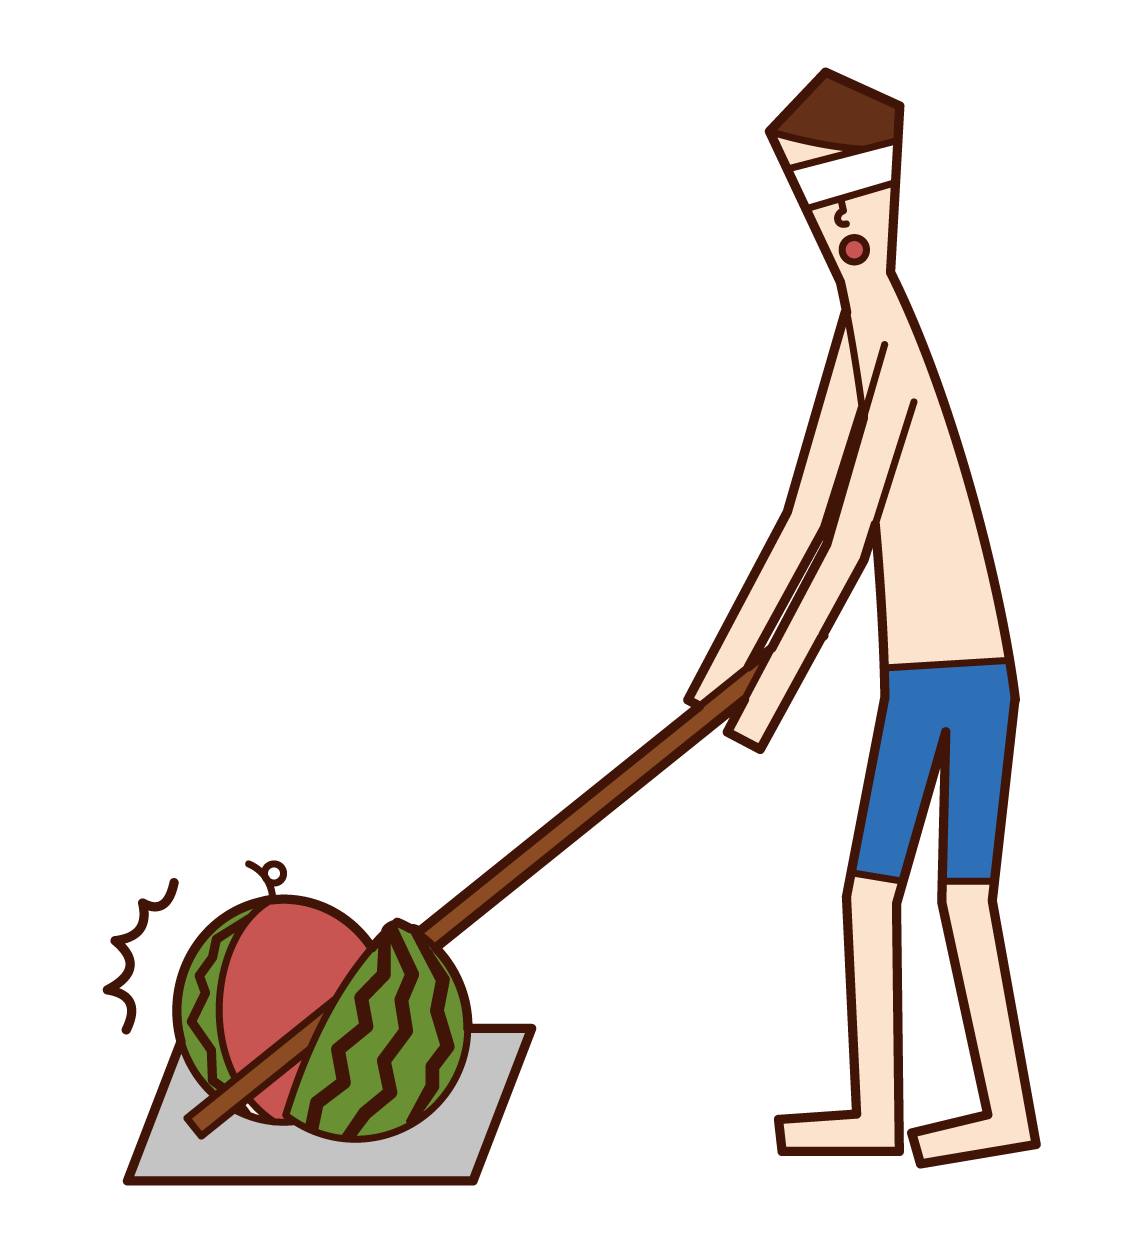 成功破解西瓜的人(男性)的插圖